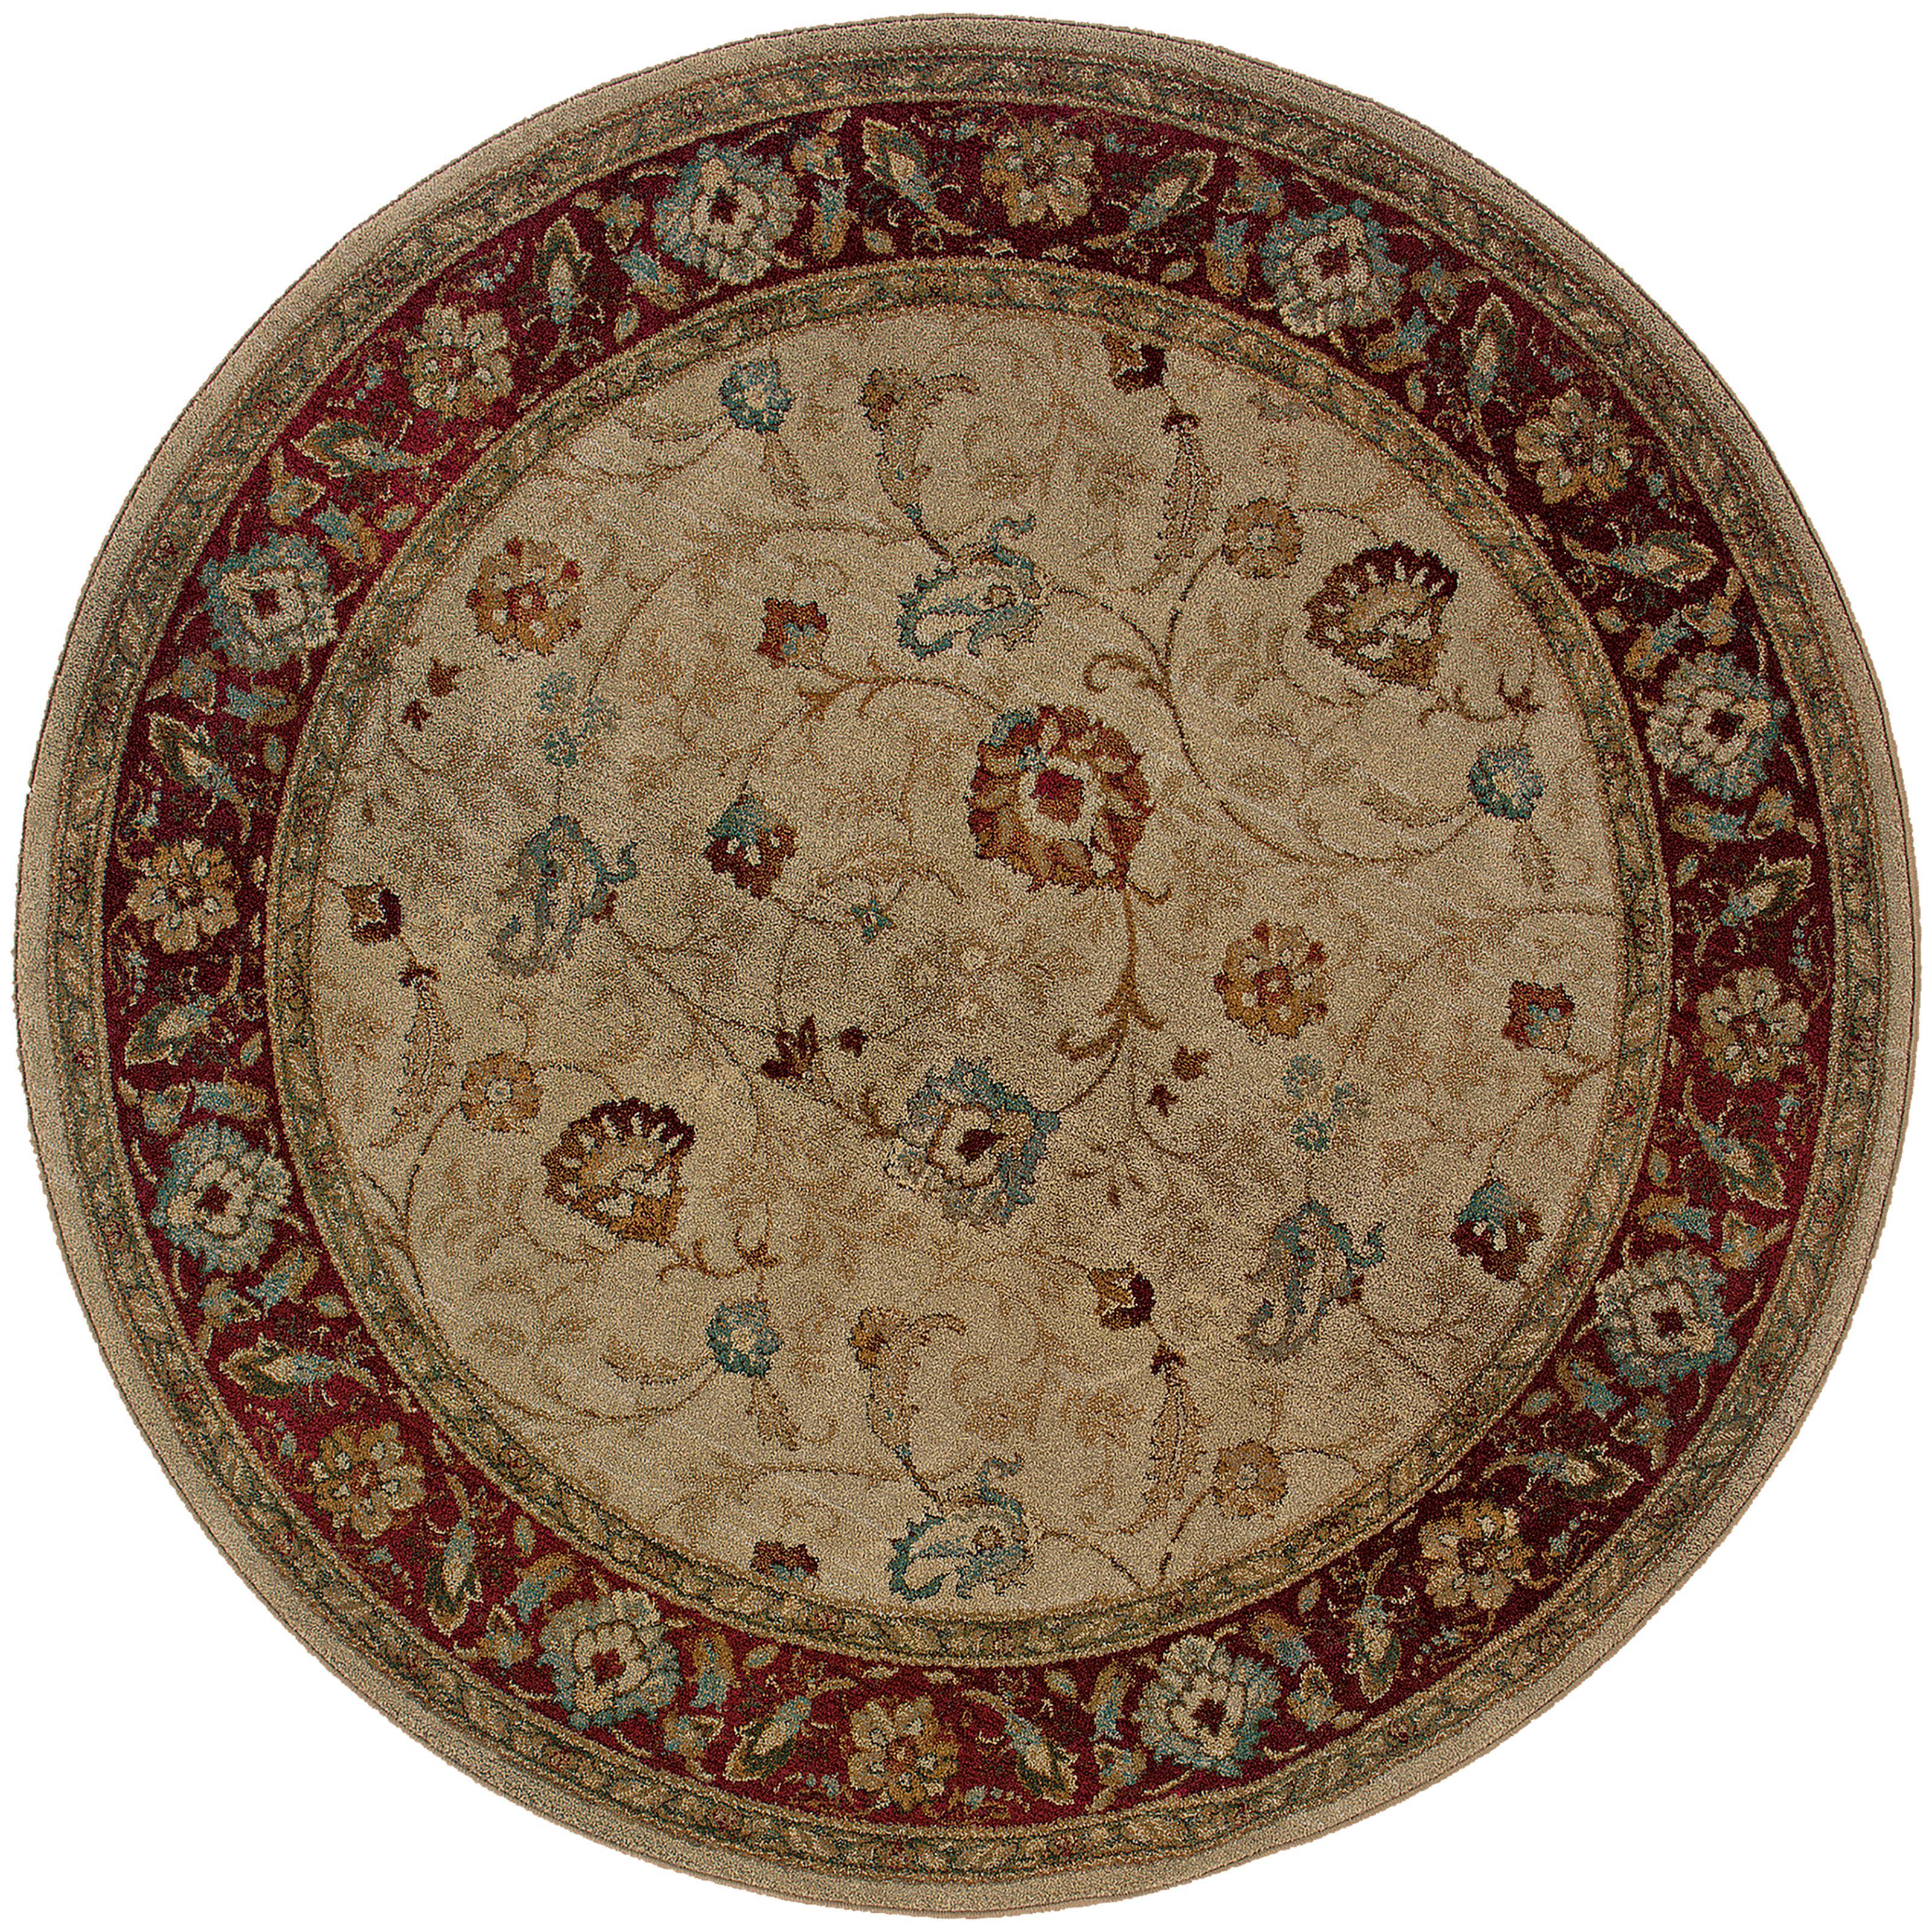 Oriental Weavers Genesis 8' Rug - Item Number: G521J1240240ST